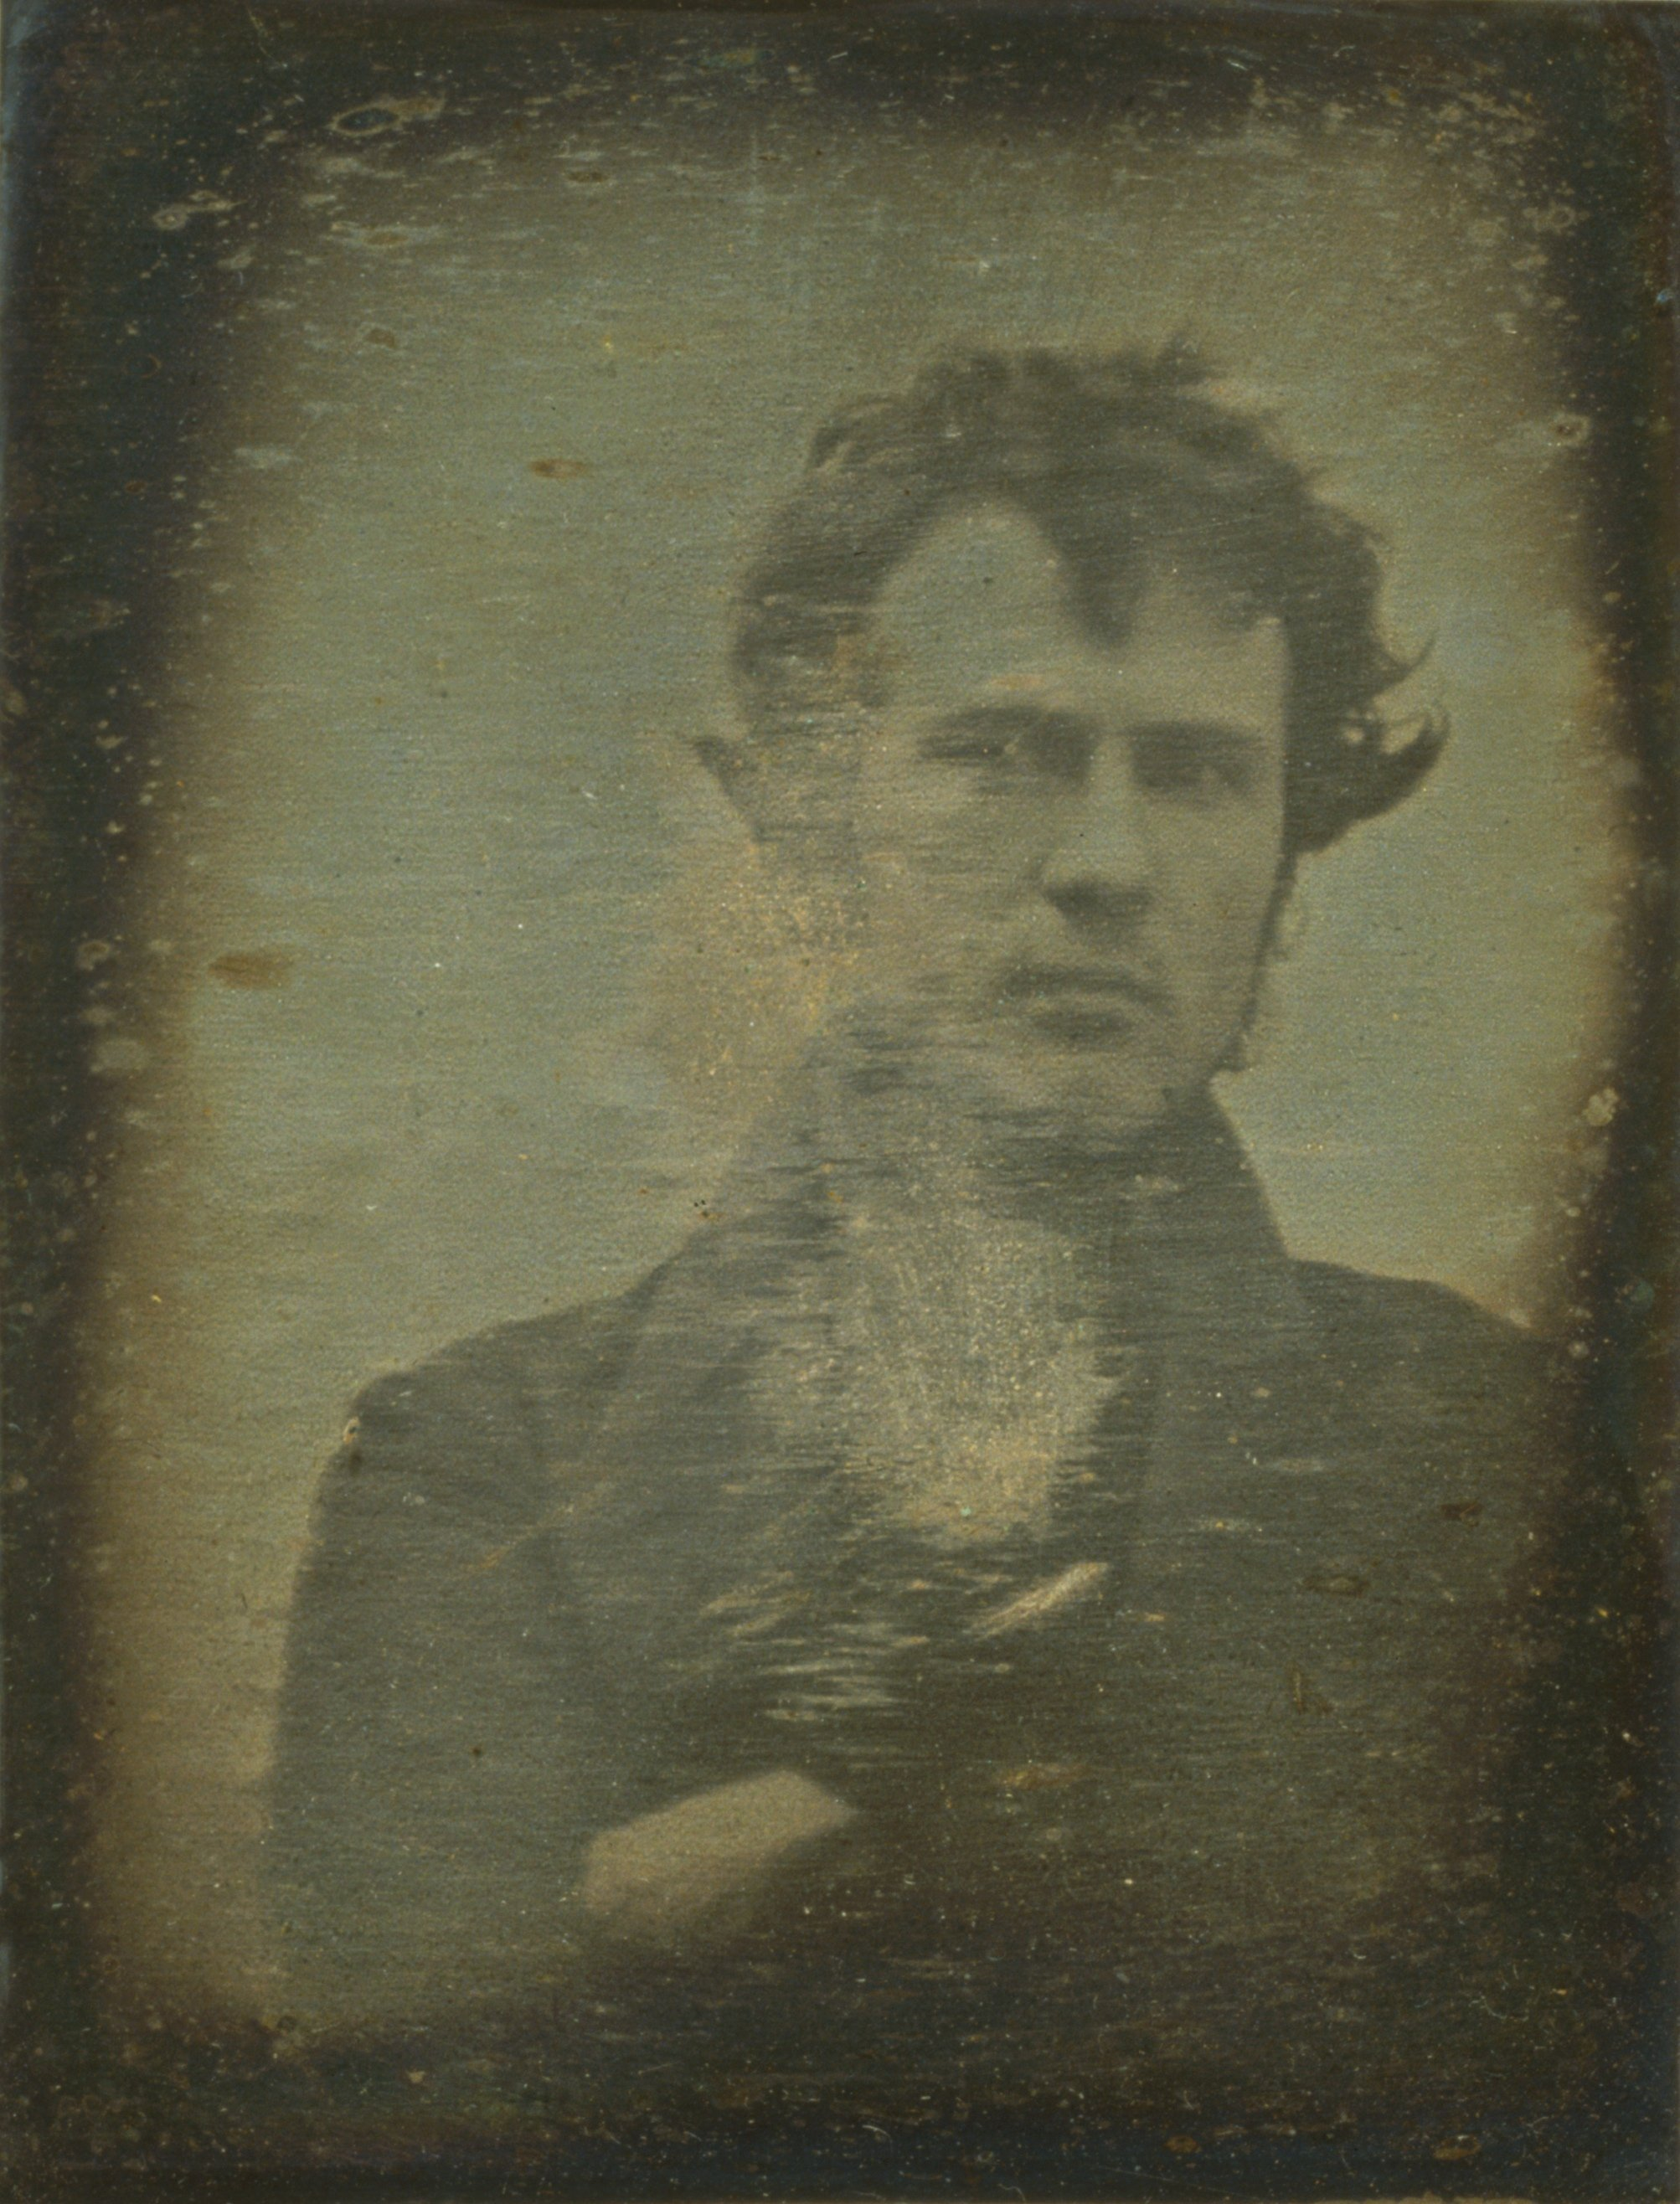 Autoportrait de Robert Cornelius